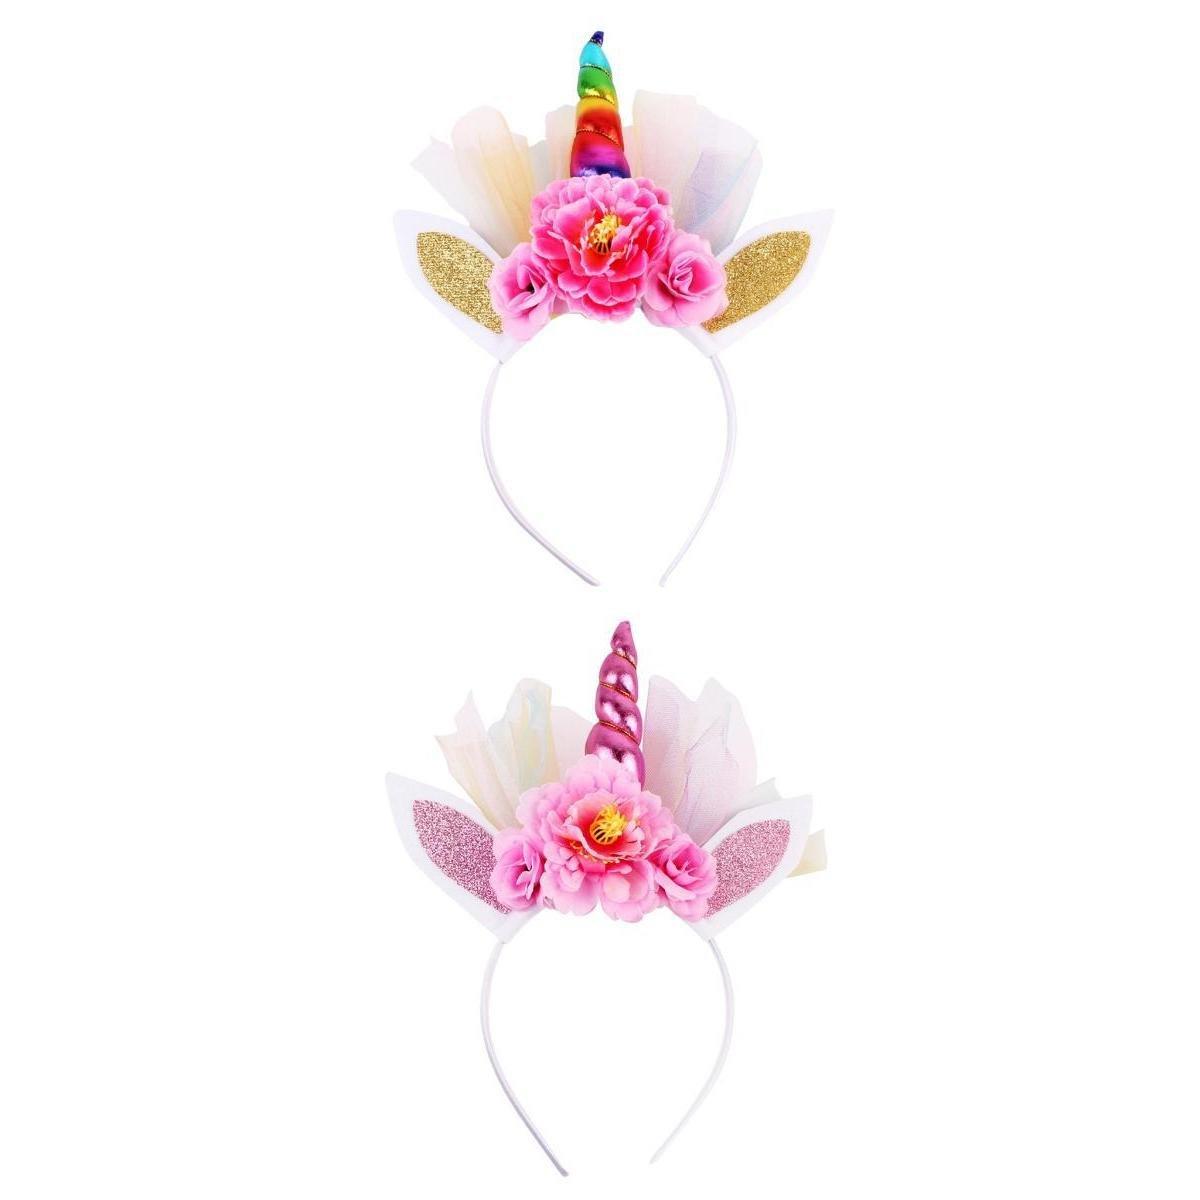 MagiDeal 2pcs Accessoires de Bande de Cheveux Fille Bijoux de Cheveux Décoration de Robe Rose